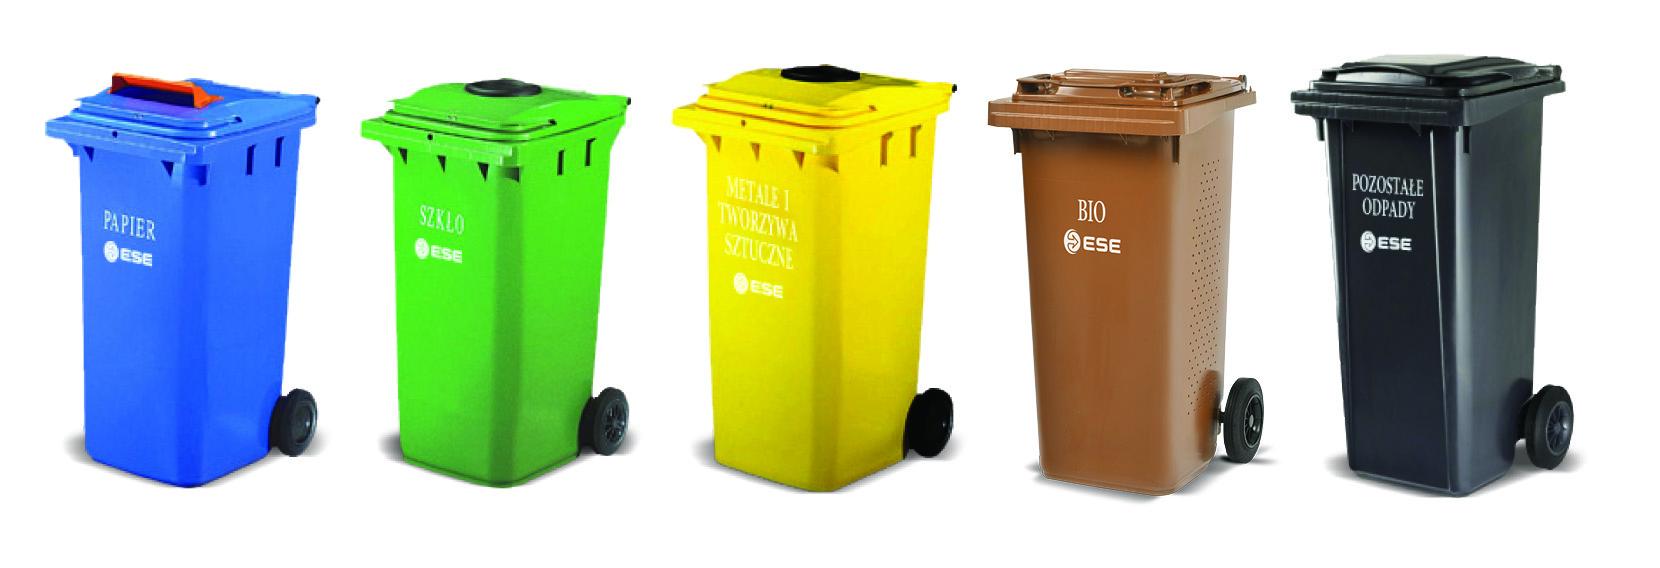 Pojemniki na odpady ESE